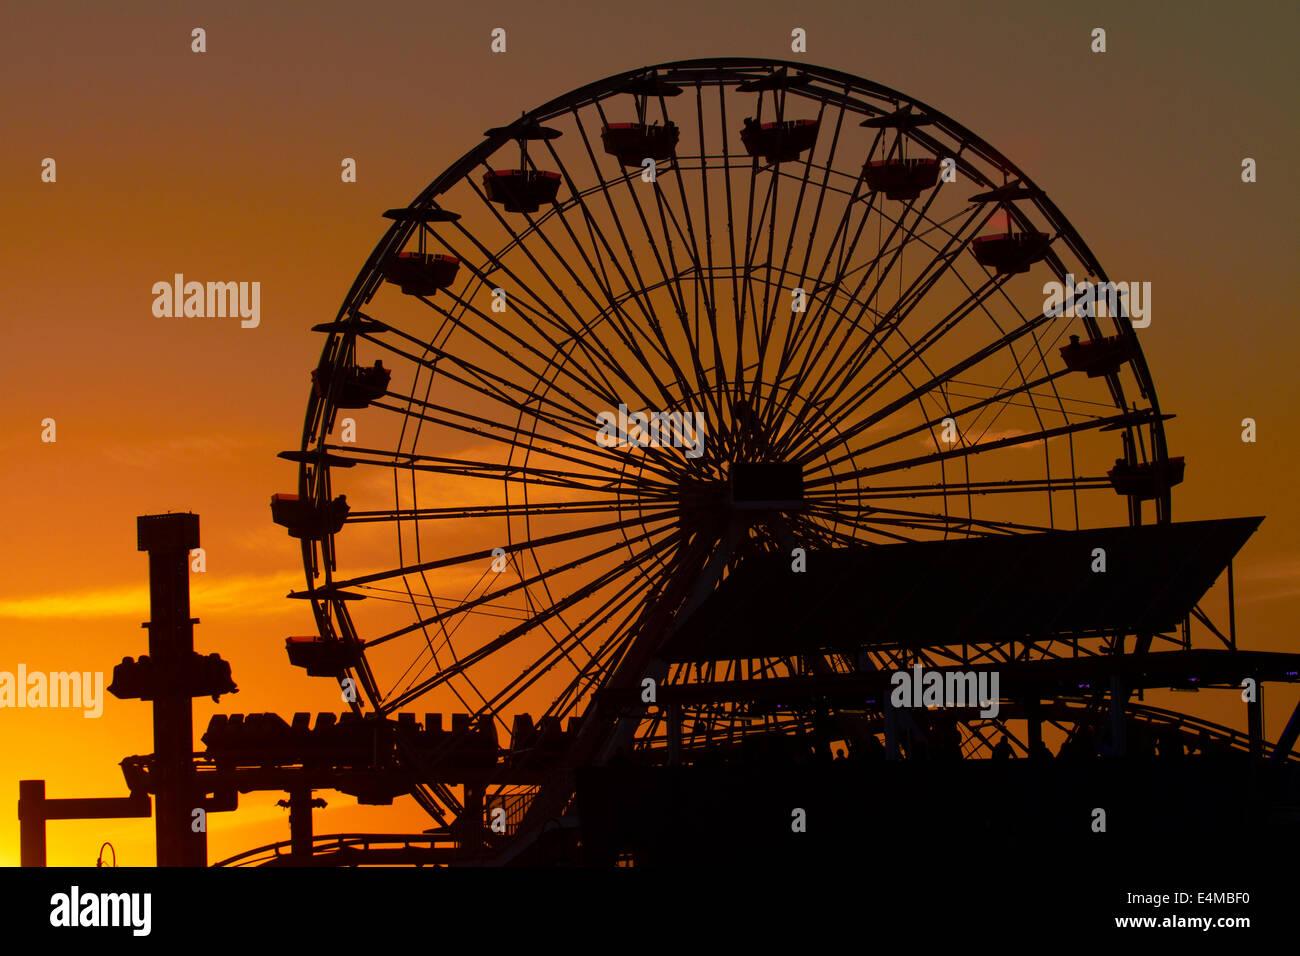 La noria al atardecer, Pacific Park, Santa Monica Pier, Santa Monica, Los Ángeles, California, Estados Unidos. Foto de stock